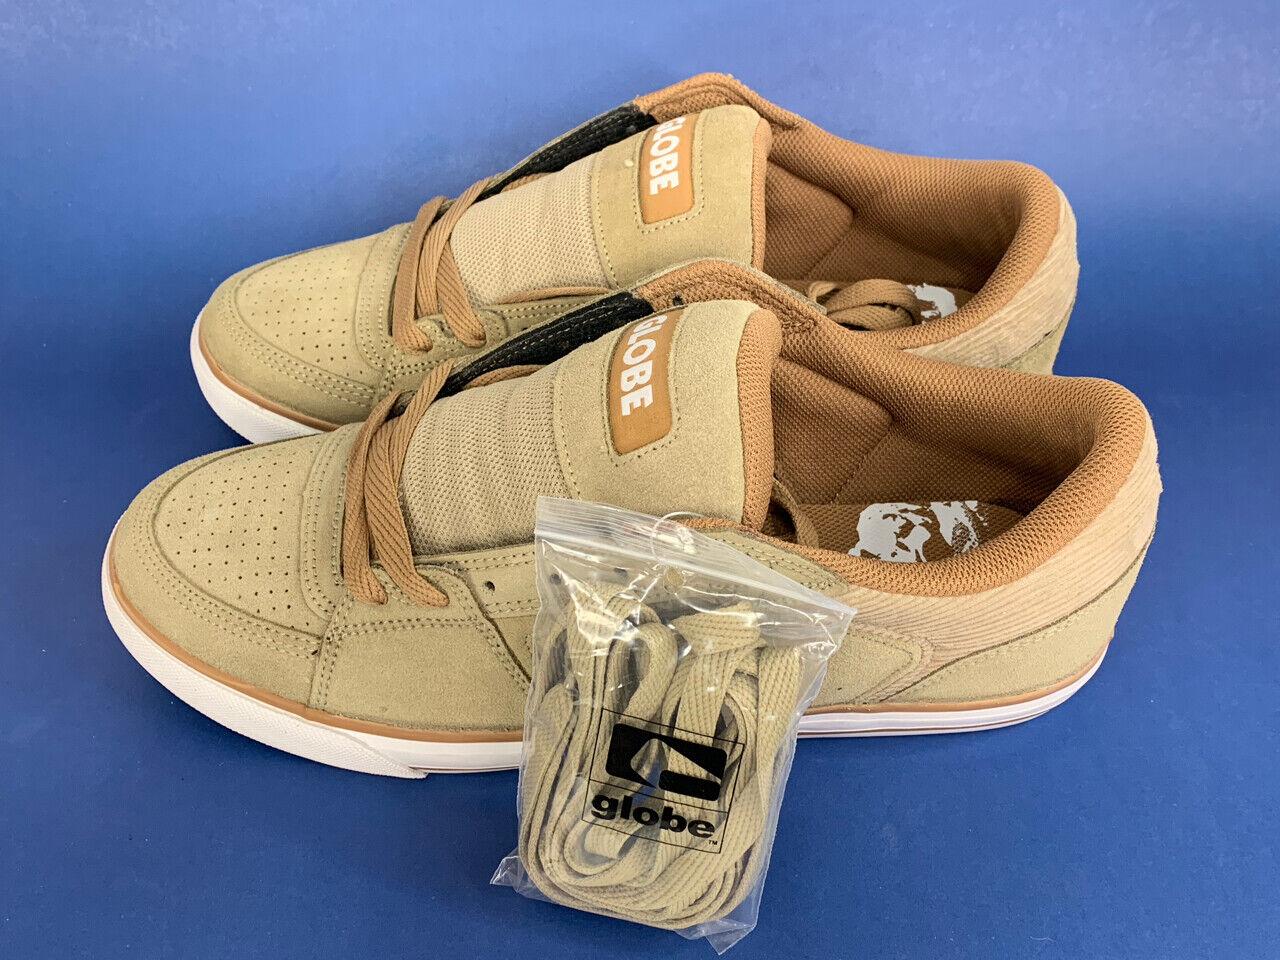 NEW GLOBE MAGNUM Skateboard Skate Shoes Mens Size 11.5 NOS N